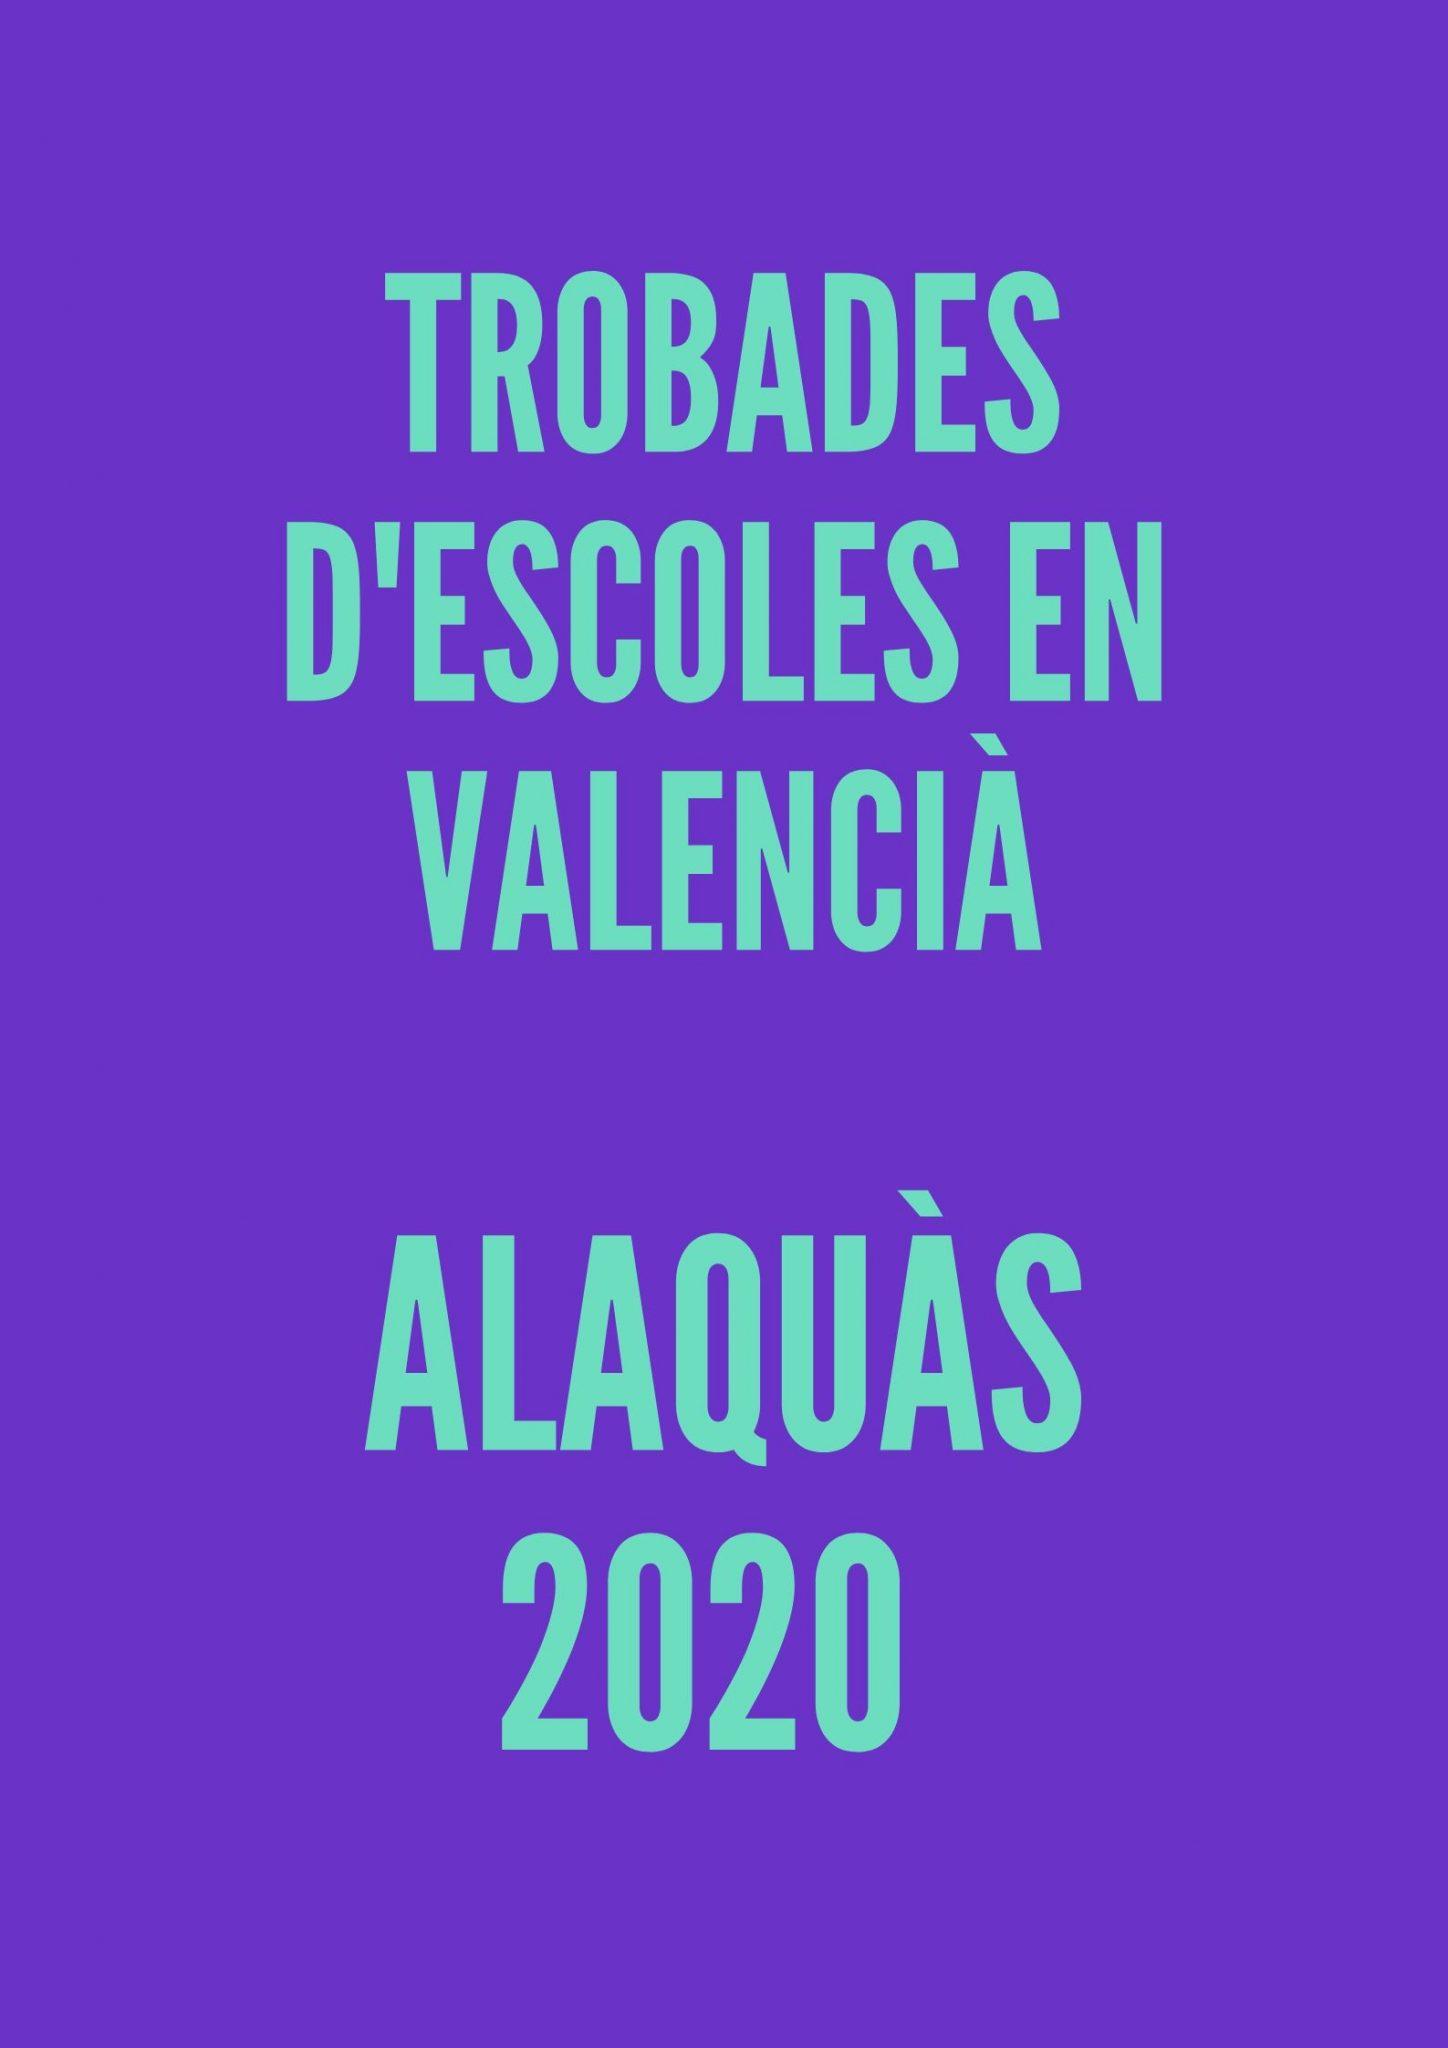 TROBADES D'ESCOLES EN vALENCIÀ aLAQUÀS 2020